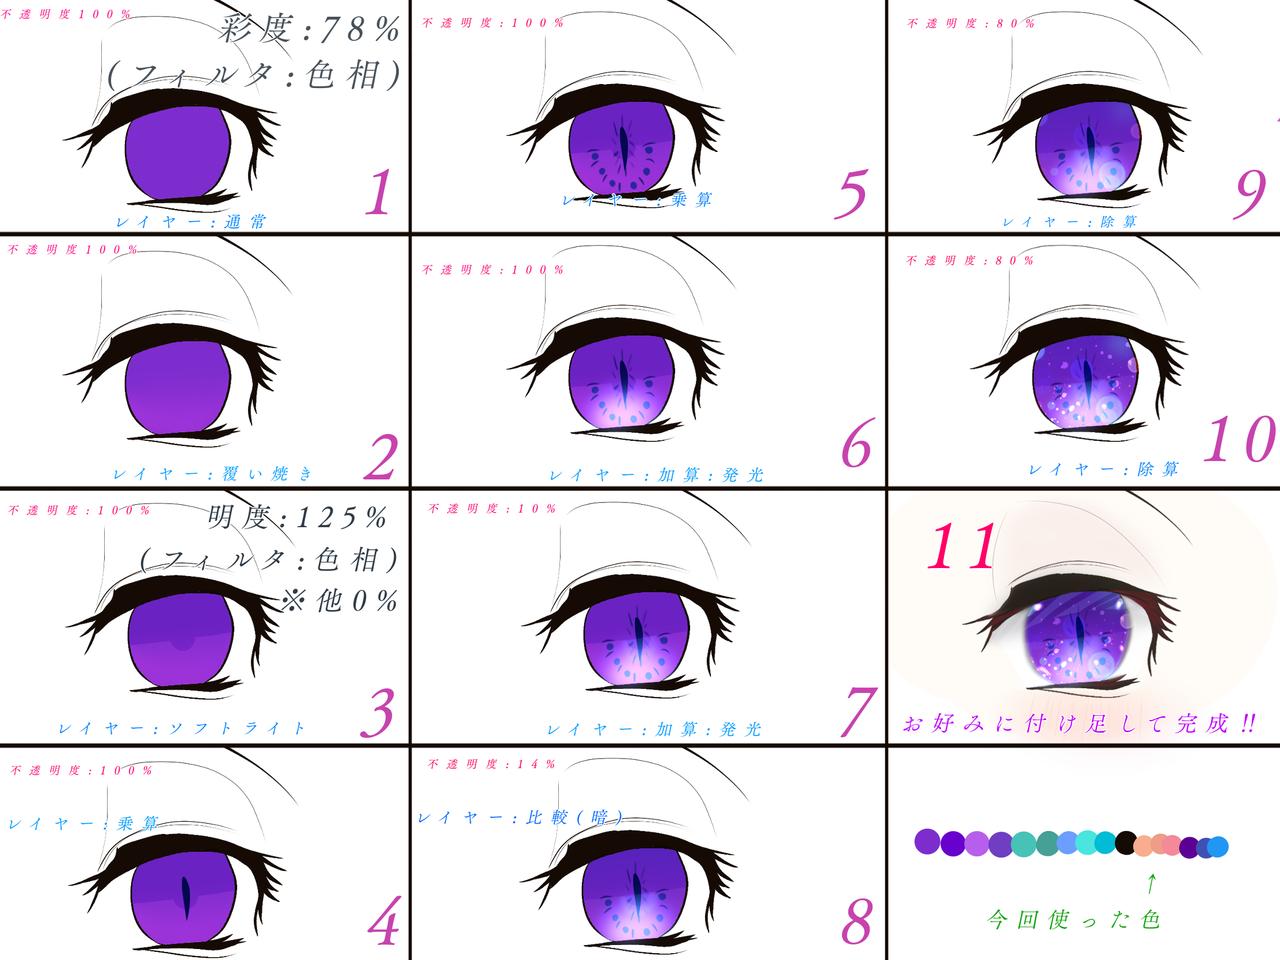 めーきんぐ② Illust of 枯傘☂️ The_Challengers medibangpaint メイキング 目イキング キラキラ tutorial 目の描き方 eyes